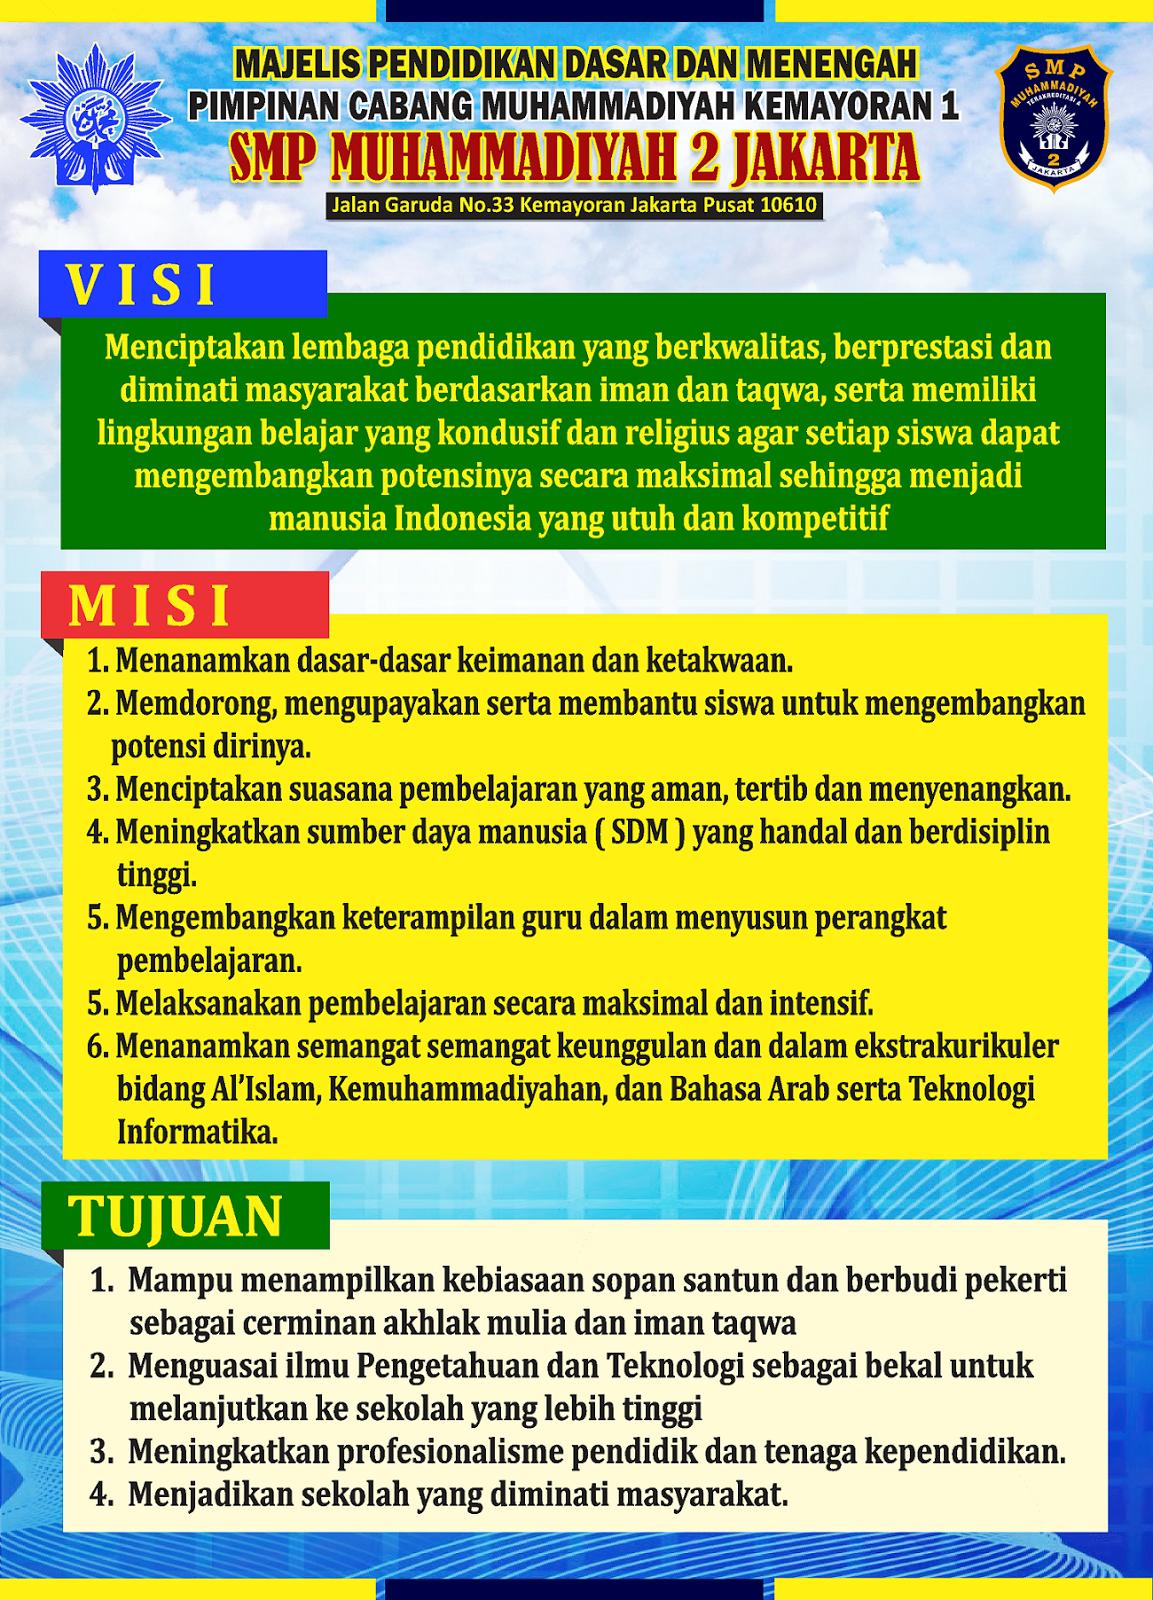 Desain Banner Visi Misi SMP Muhammadiyah 2 Jakarta ...